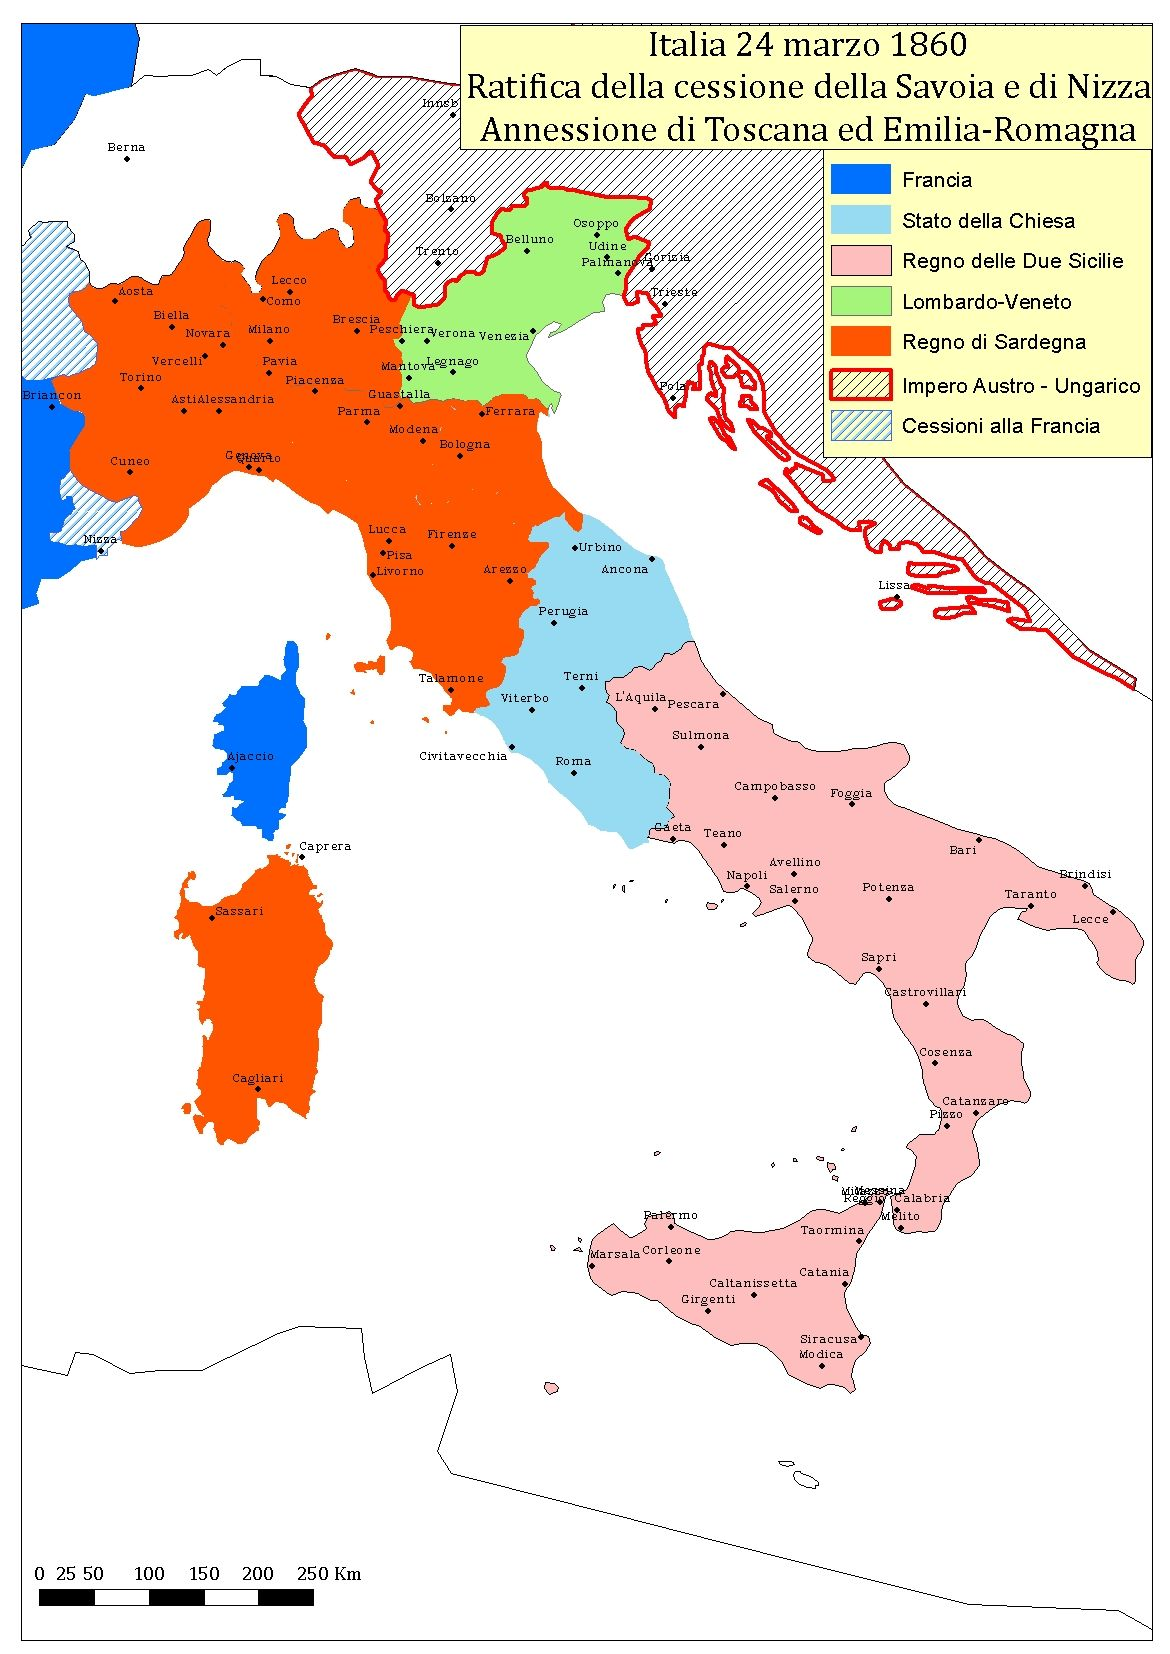 Cartina Italia 1860.150 Anni Dell Unita D Italia La Geografia Dell Italia 24 Marzo 1860 Tuscanyagriturismogiratola Mappa Dell Italia Geografia Mappe Antiche